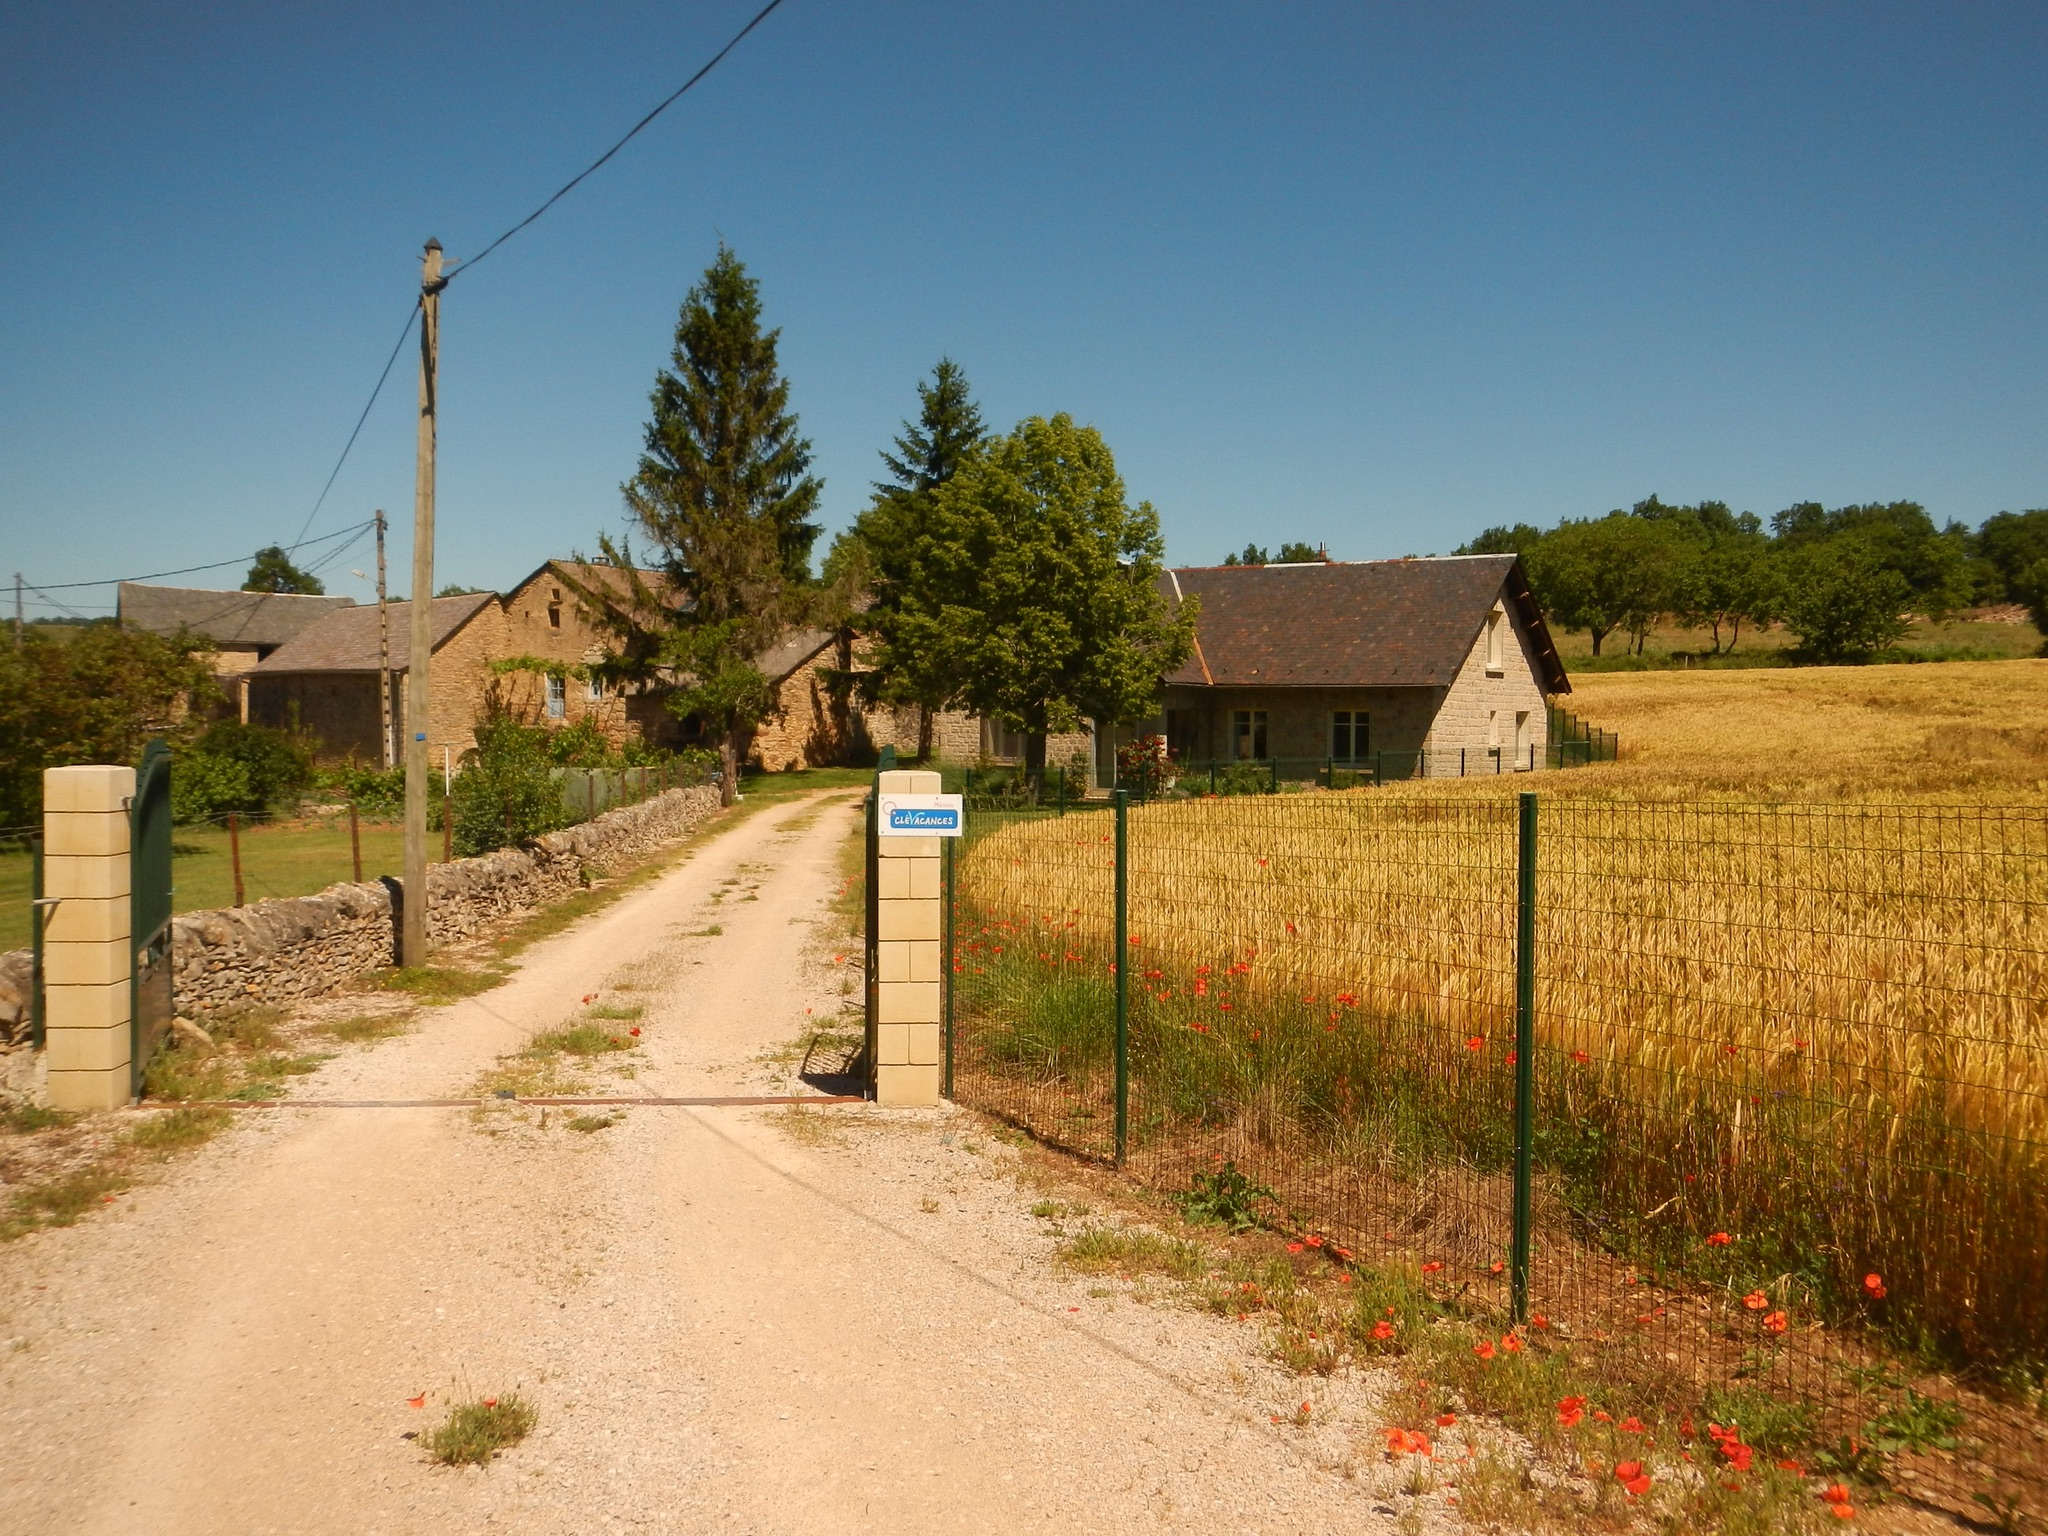 Ferienhaus Haus mit 6 Zimmern in Banassac mit toller Aussicht auf die Berge und eingezäuntem Garten - (2202056), Banassac, Lozère, Languedoc-Roussillon, Frankreich, Bild 2